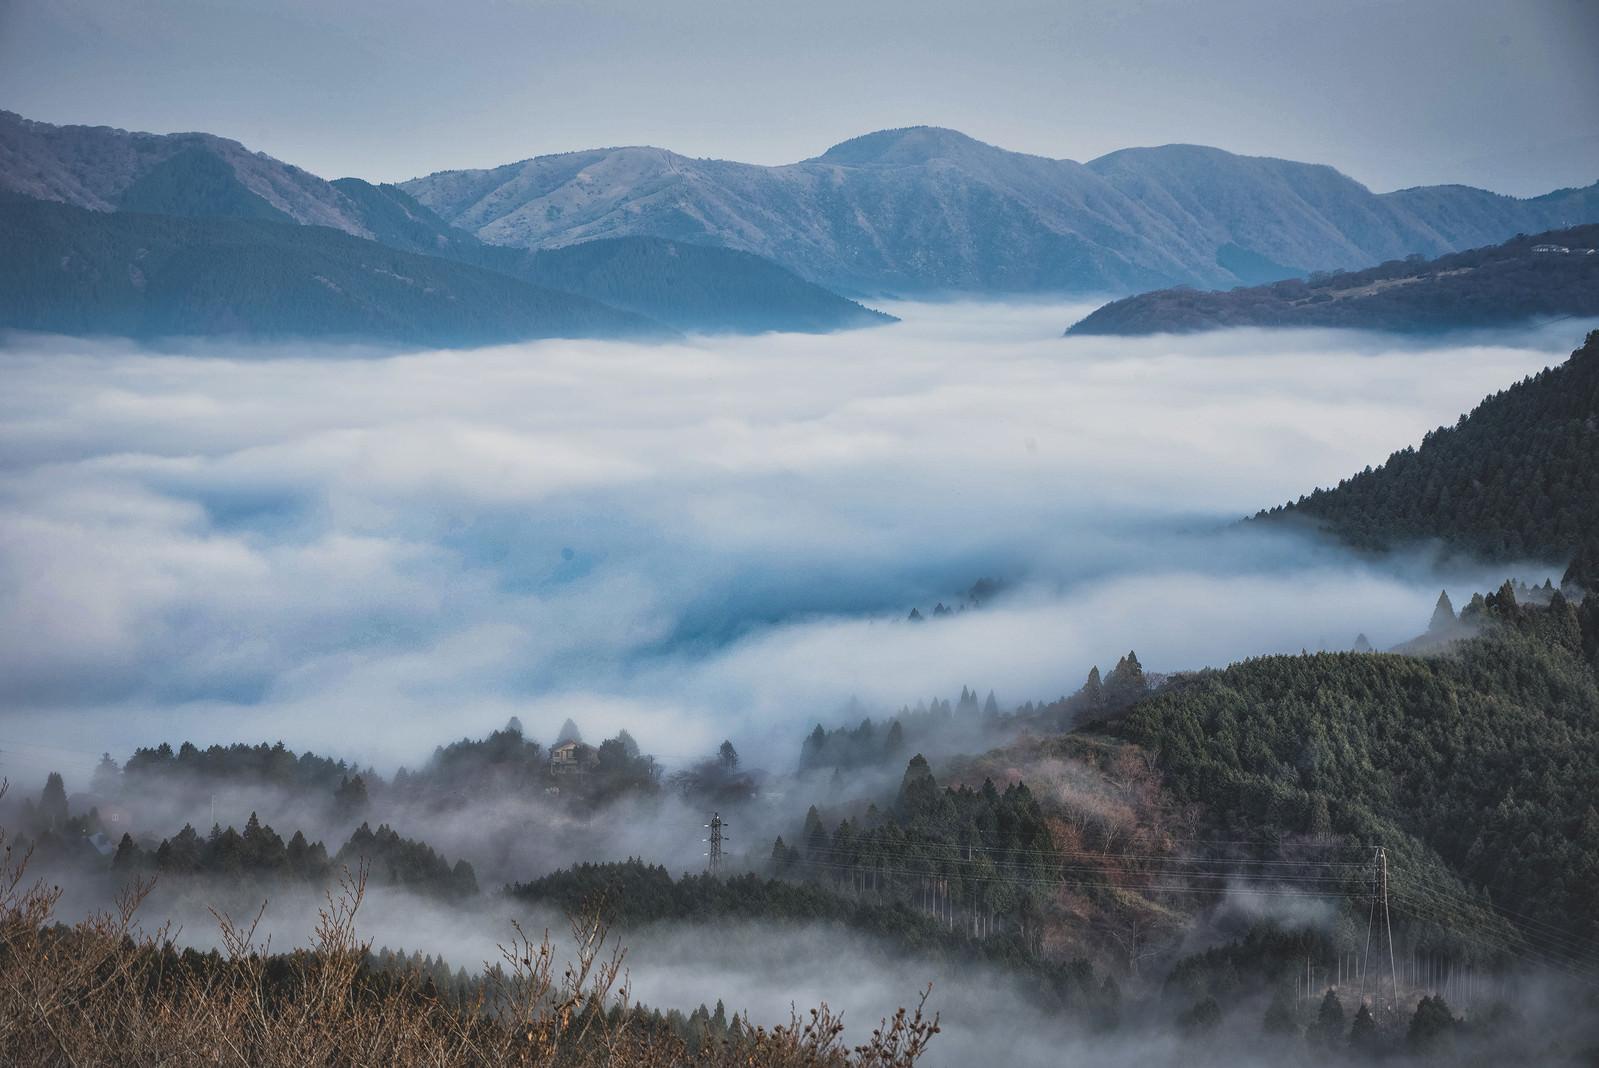 「朝霧が立ち込める幻想的な元箱根の夜明け」の写真